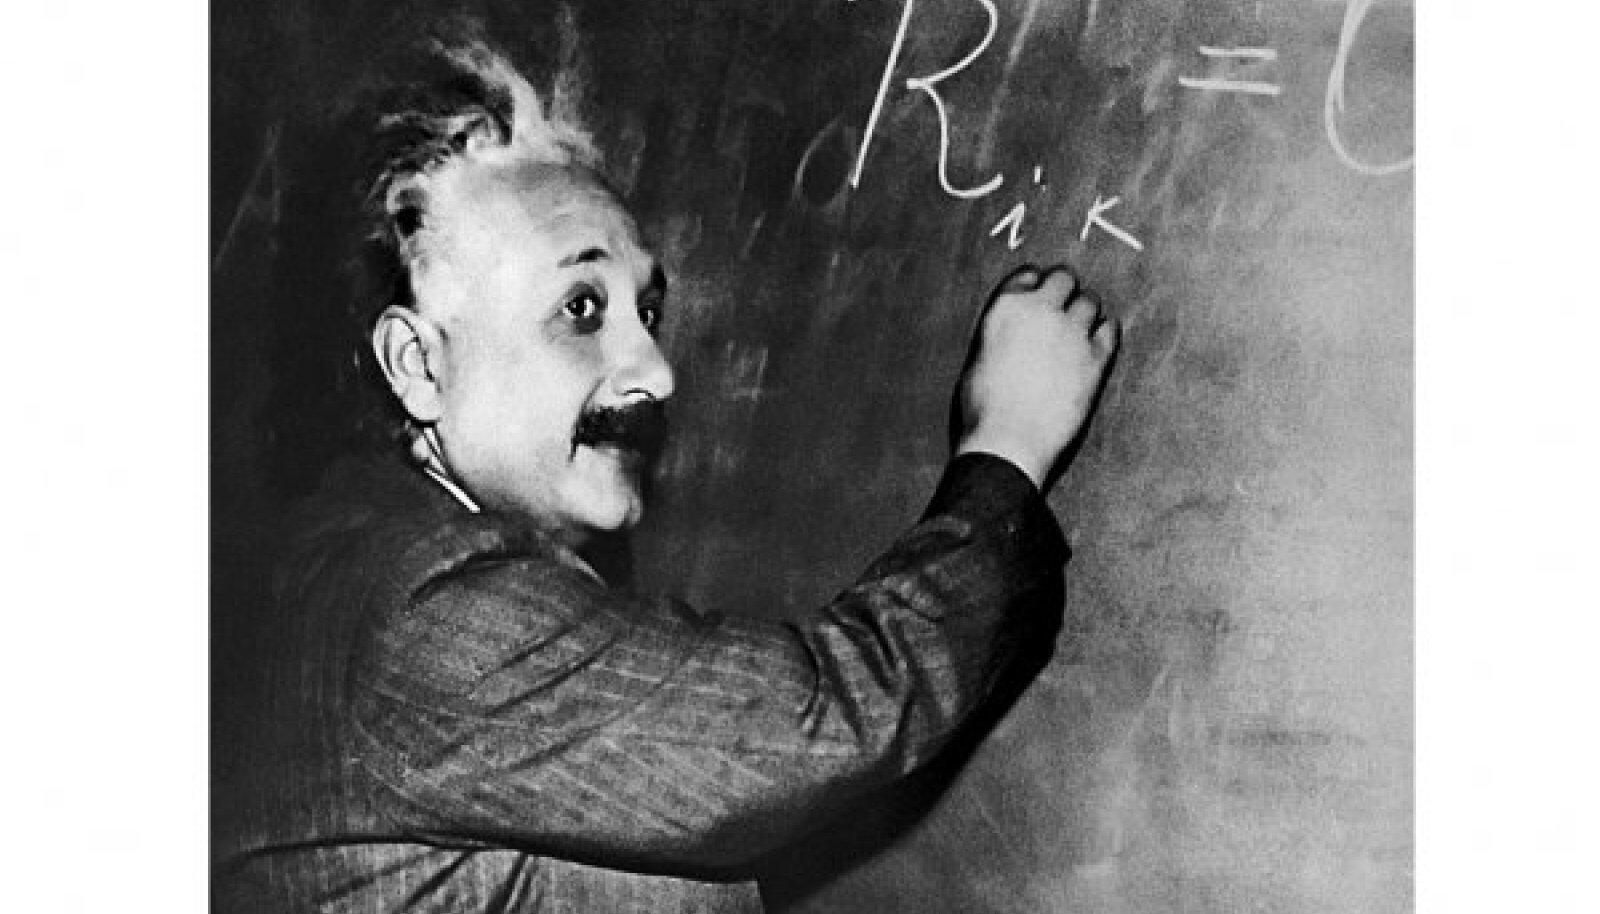 Einsteini aju uurinud teadlased tuvastasid, et see viitab erakordsetele matemaatilistele võimetele ja ruumilisele mõtlemisele.